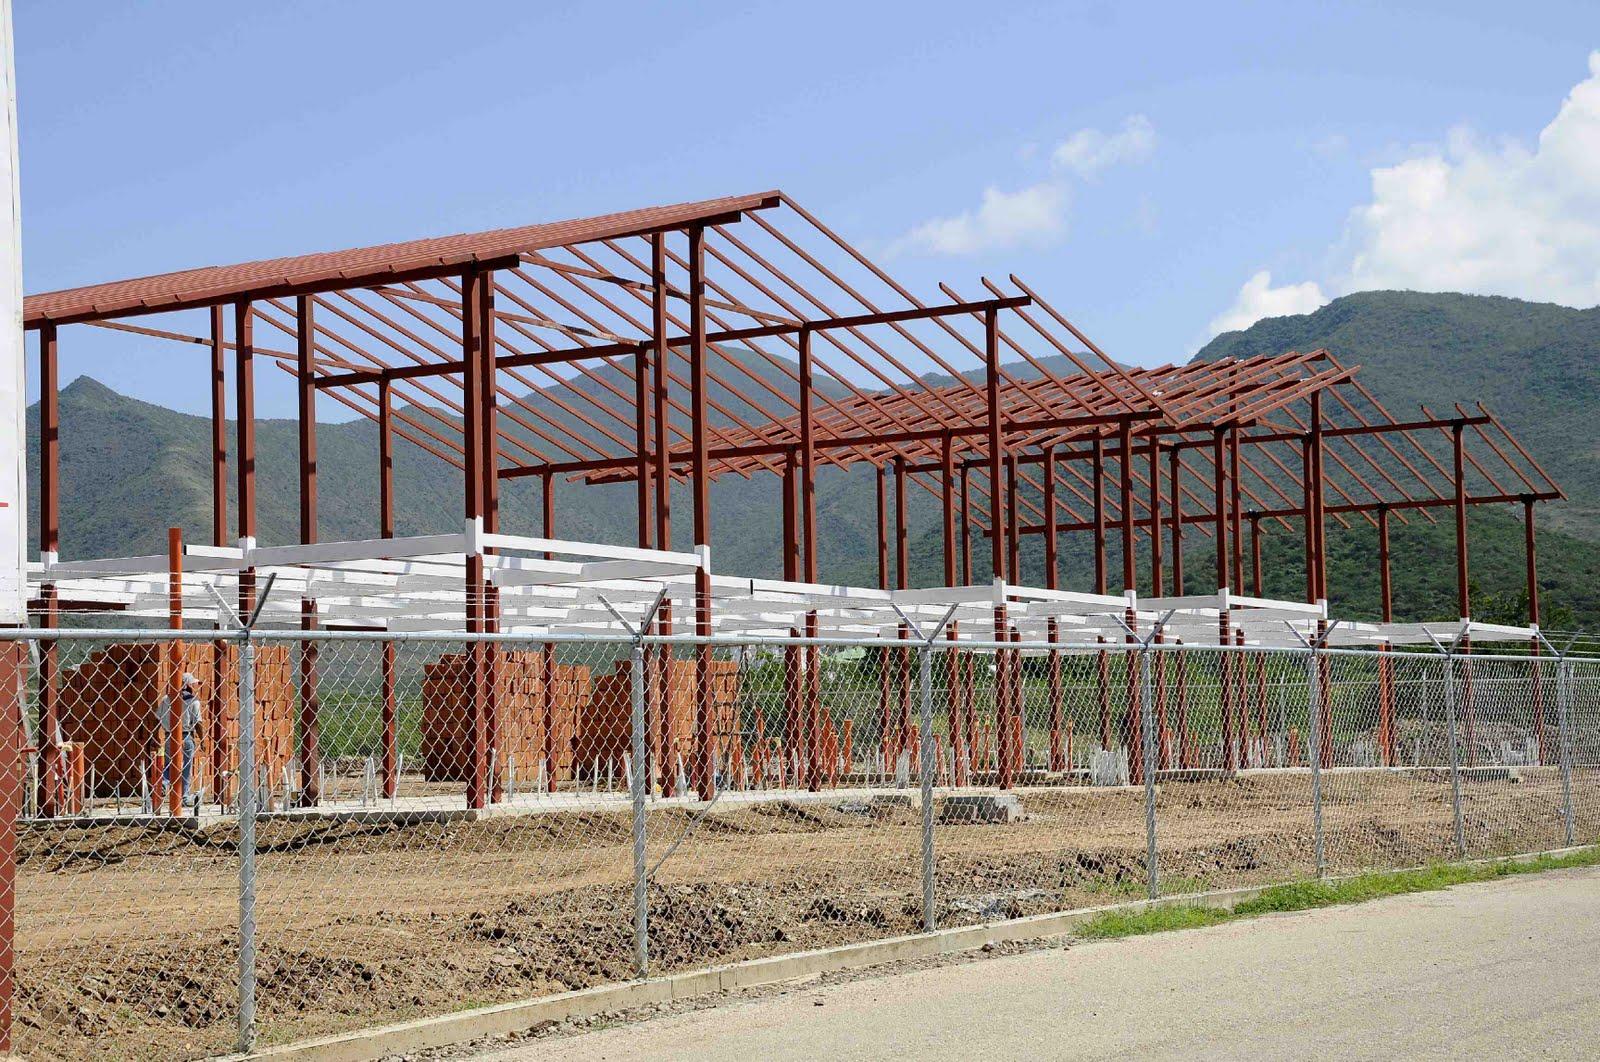 Sol de margarita 872 casas construir poder popular de - Cerchas metalicas para cubiertas ...